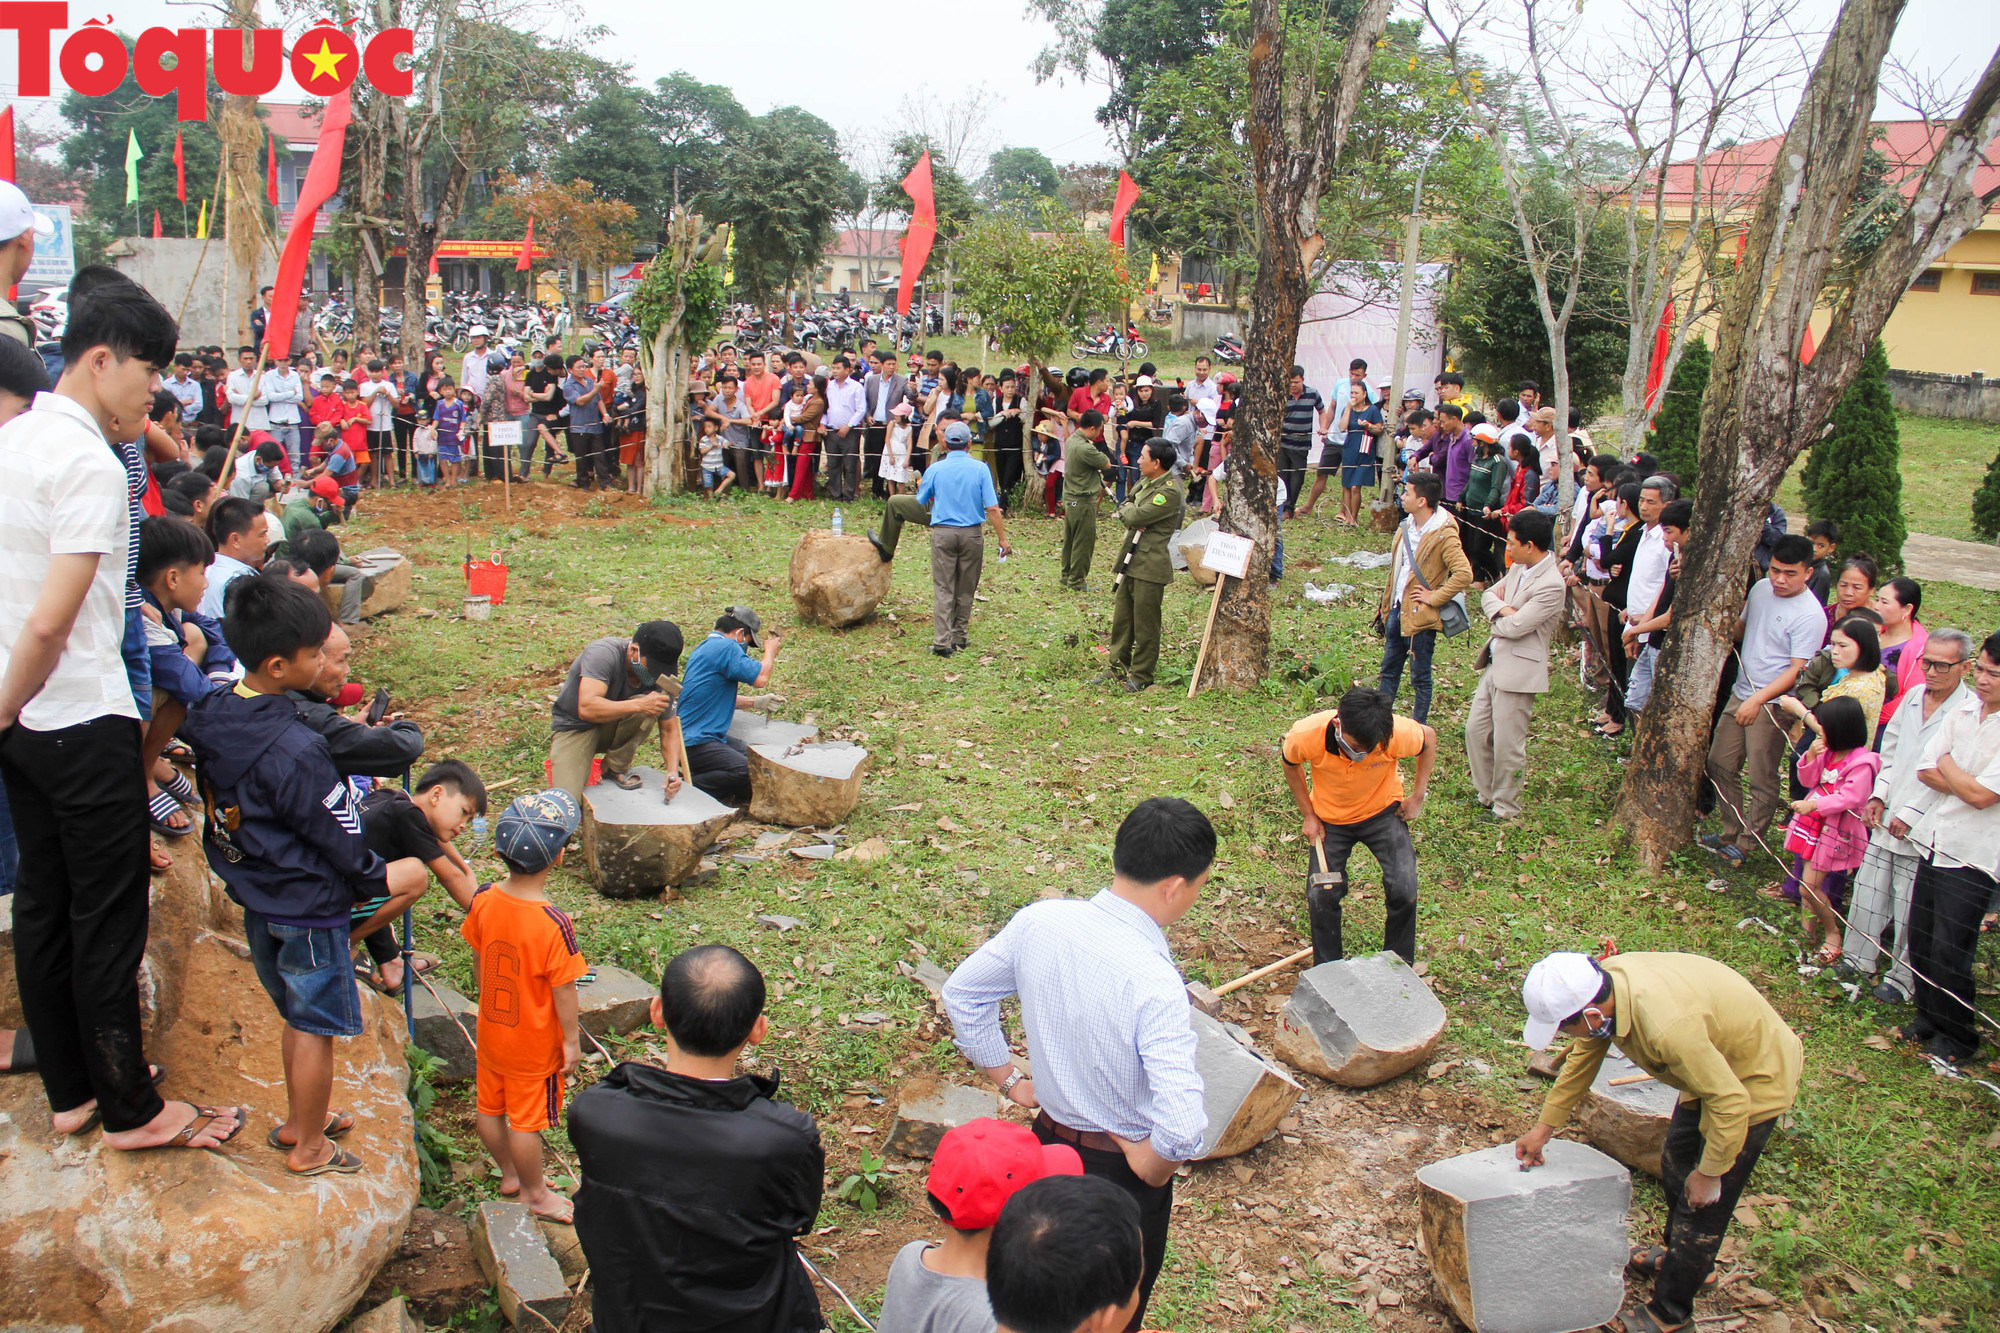 Độc đáo hội thi chẻ đá mồ côi ở Quảng Trị - Ảnh 1.